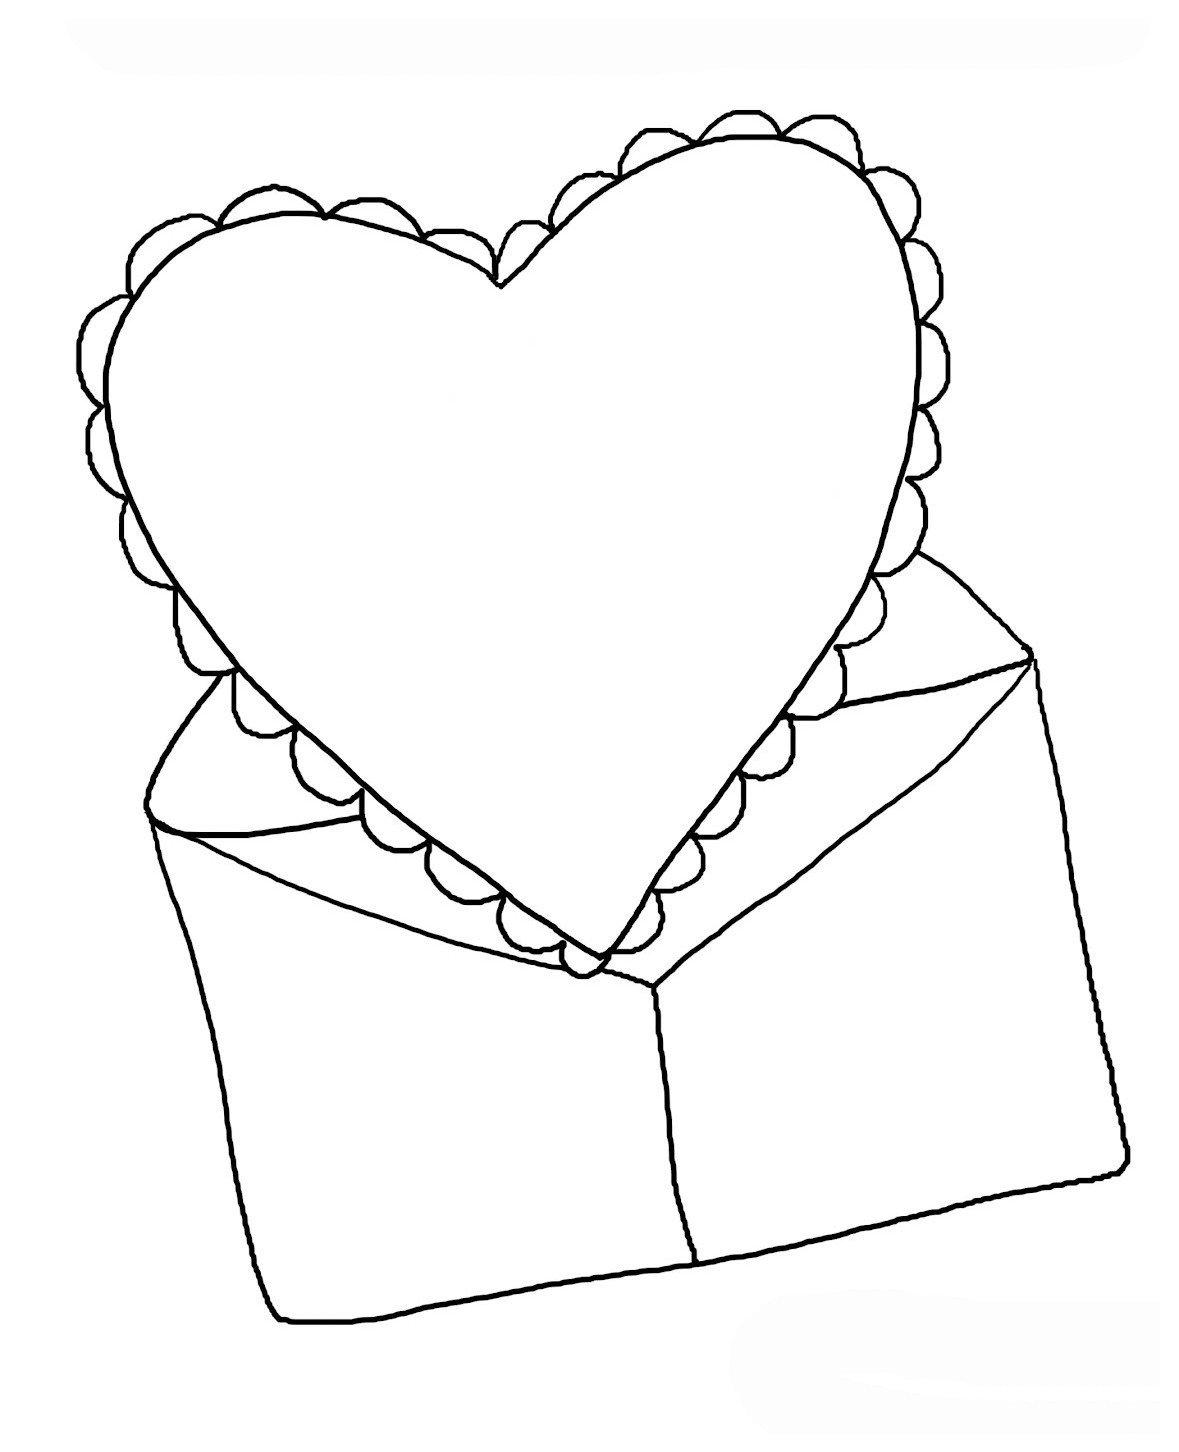 Валентинка в конверте - Картинка для раскрашивания красками-гуашью